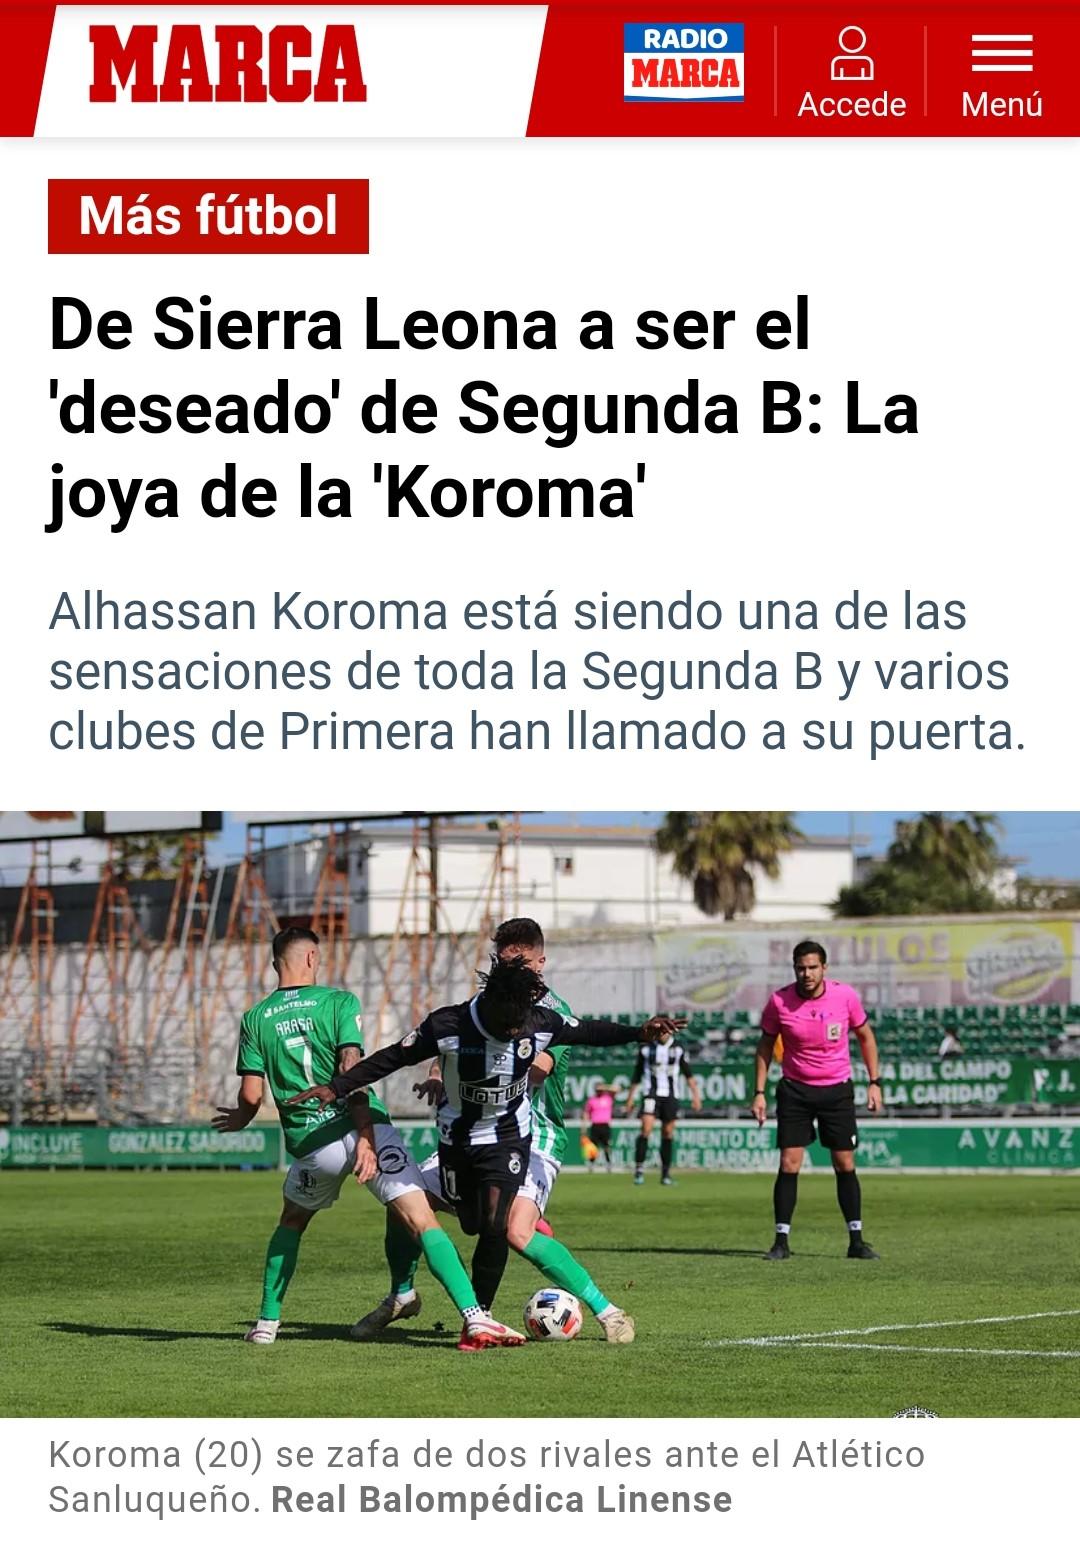 La temporada de Alhassan Koroma no está pasando desapercibida por nadie, tanto que el periódico deportivo Marca la destaca.